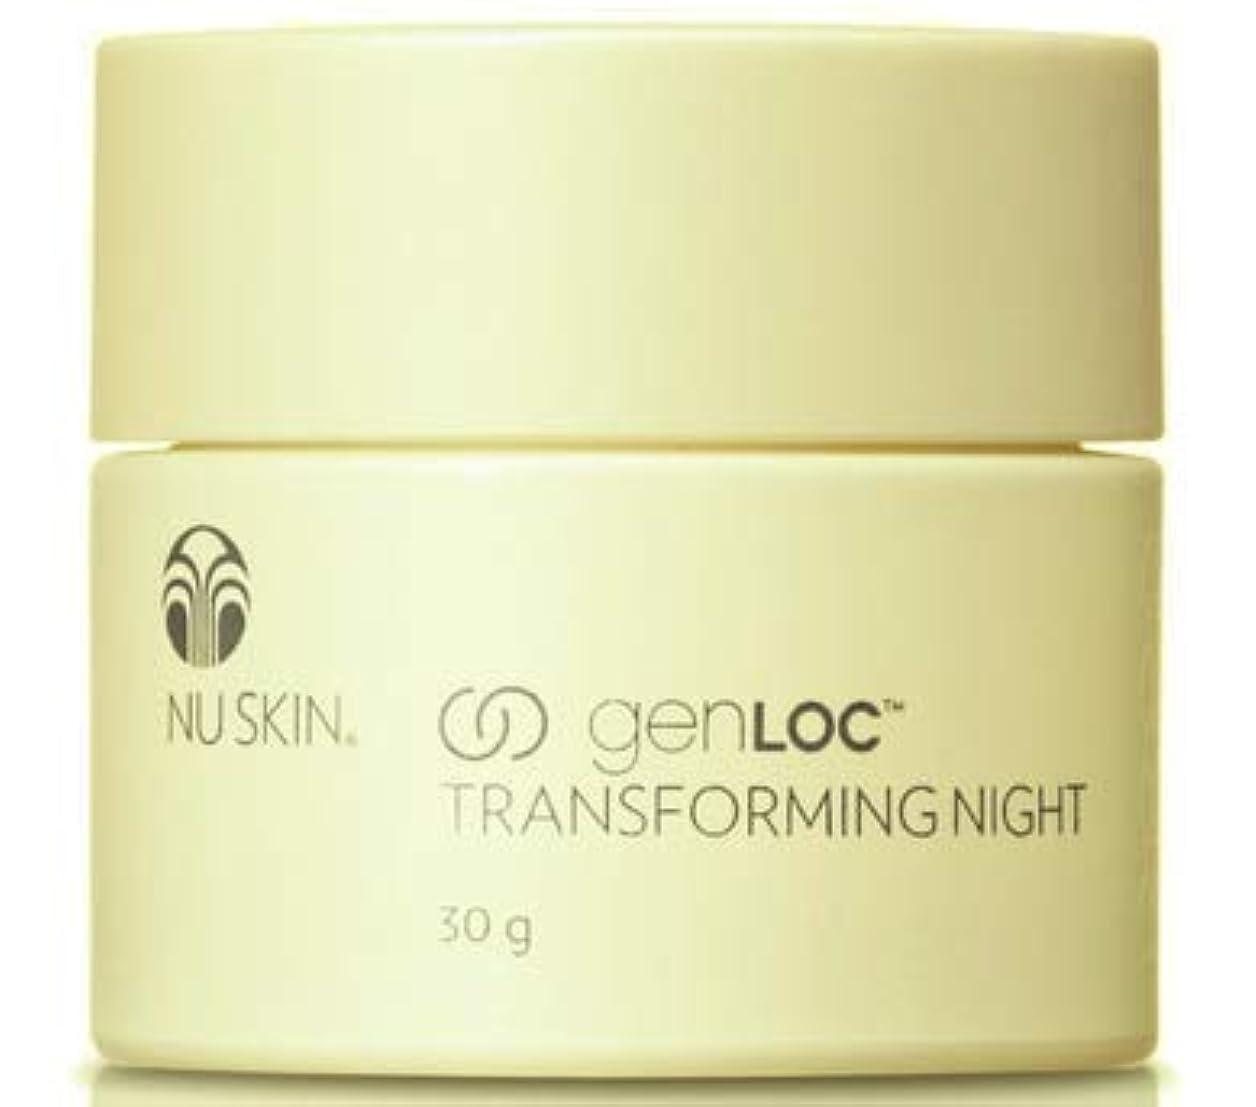 酸化する補正決定するニュースキン NU SKIN genLOC トランスフォーミング ナイト 03003880